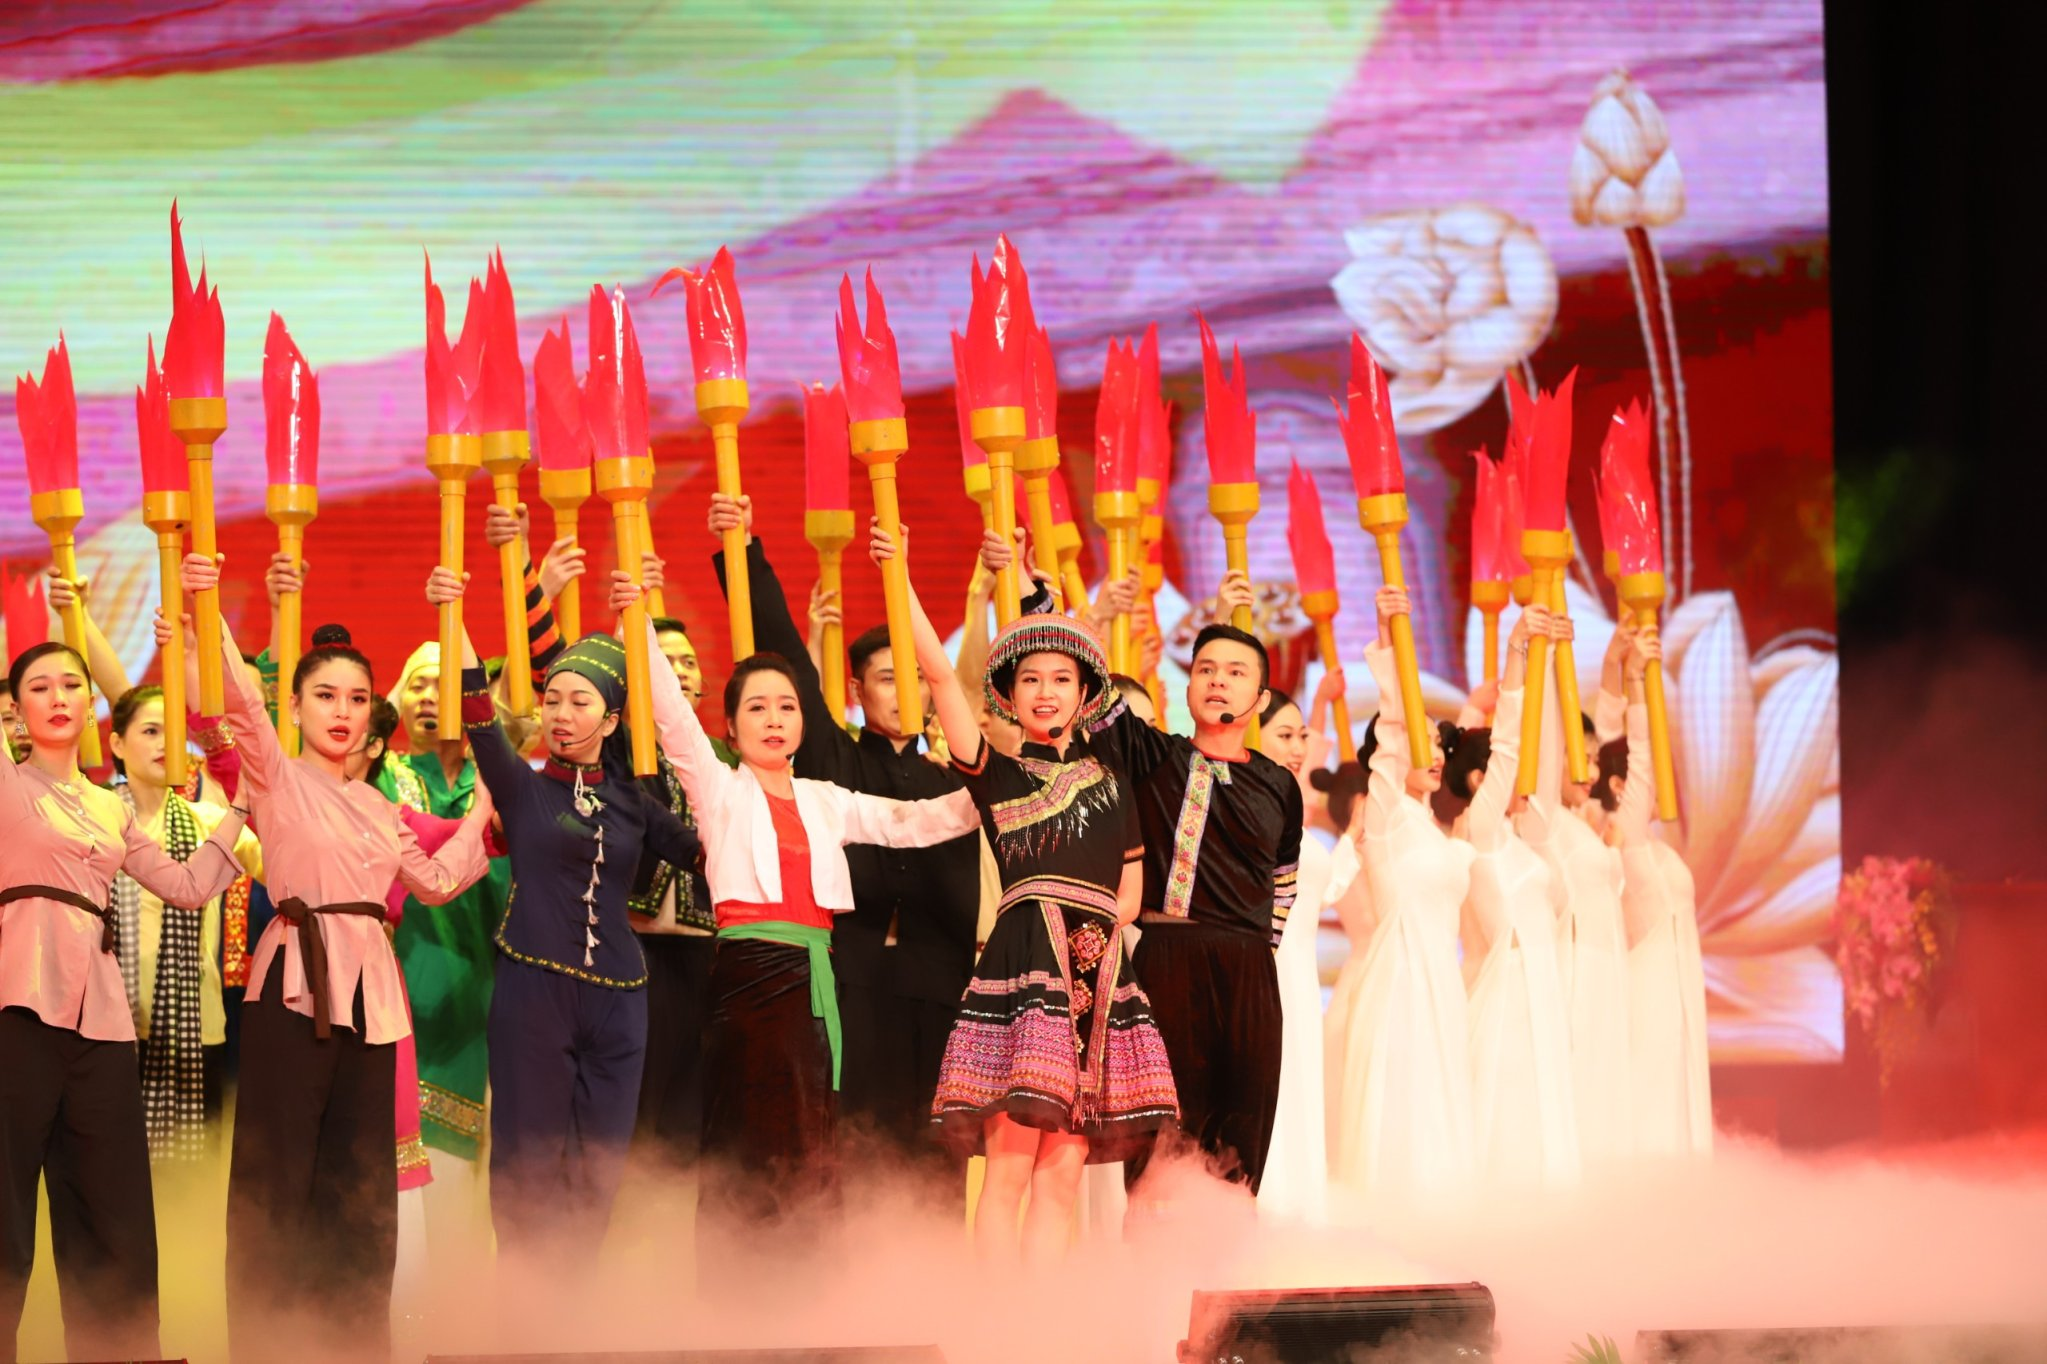 Chương trình nghệ thuật đặc biệt chào mừng kỷ niệm 130 năm Ngày sinh Chủ tịch Hồ Chí Minh.